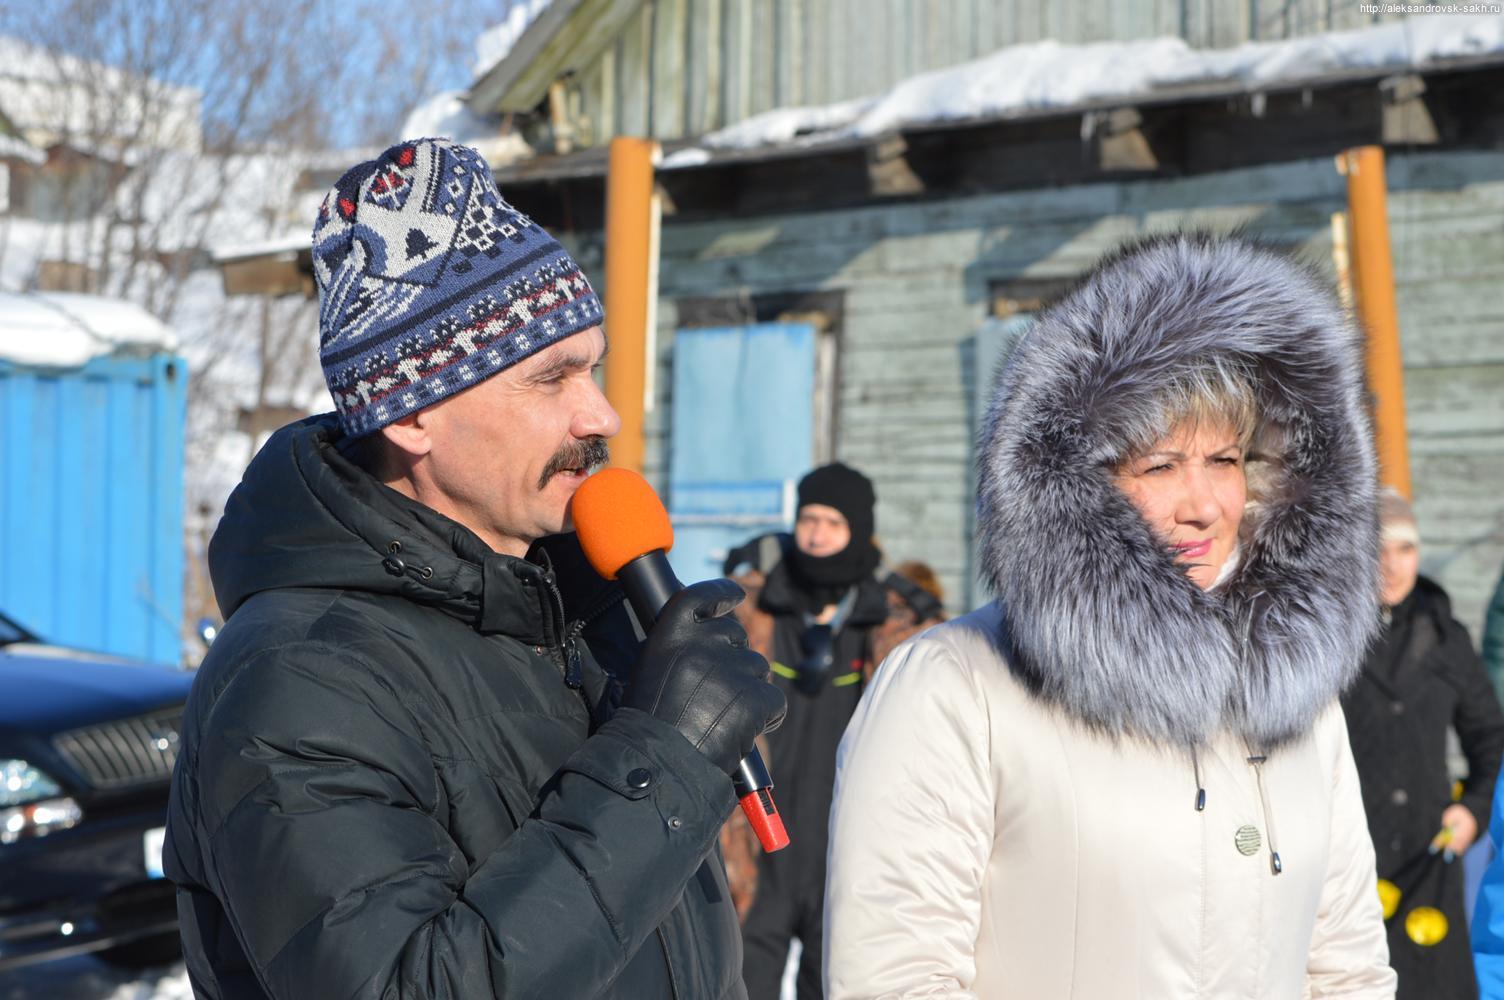 житель александровска-сахалинского 8 марта убил 19-летнюю знакомую